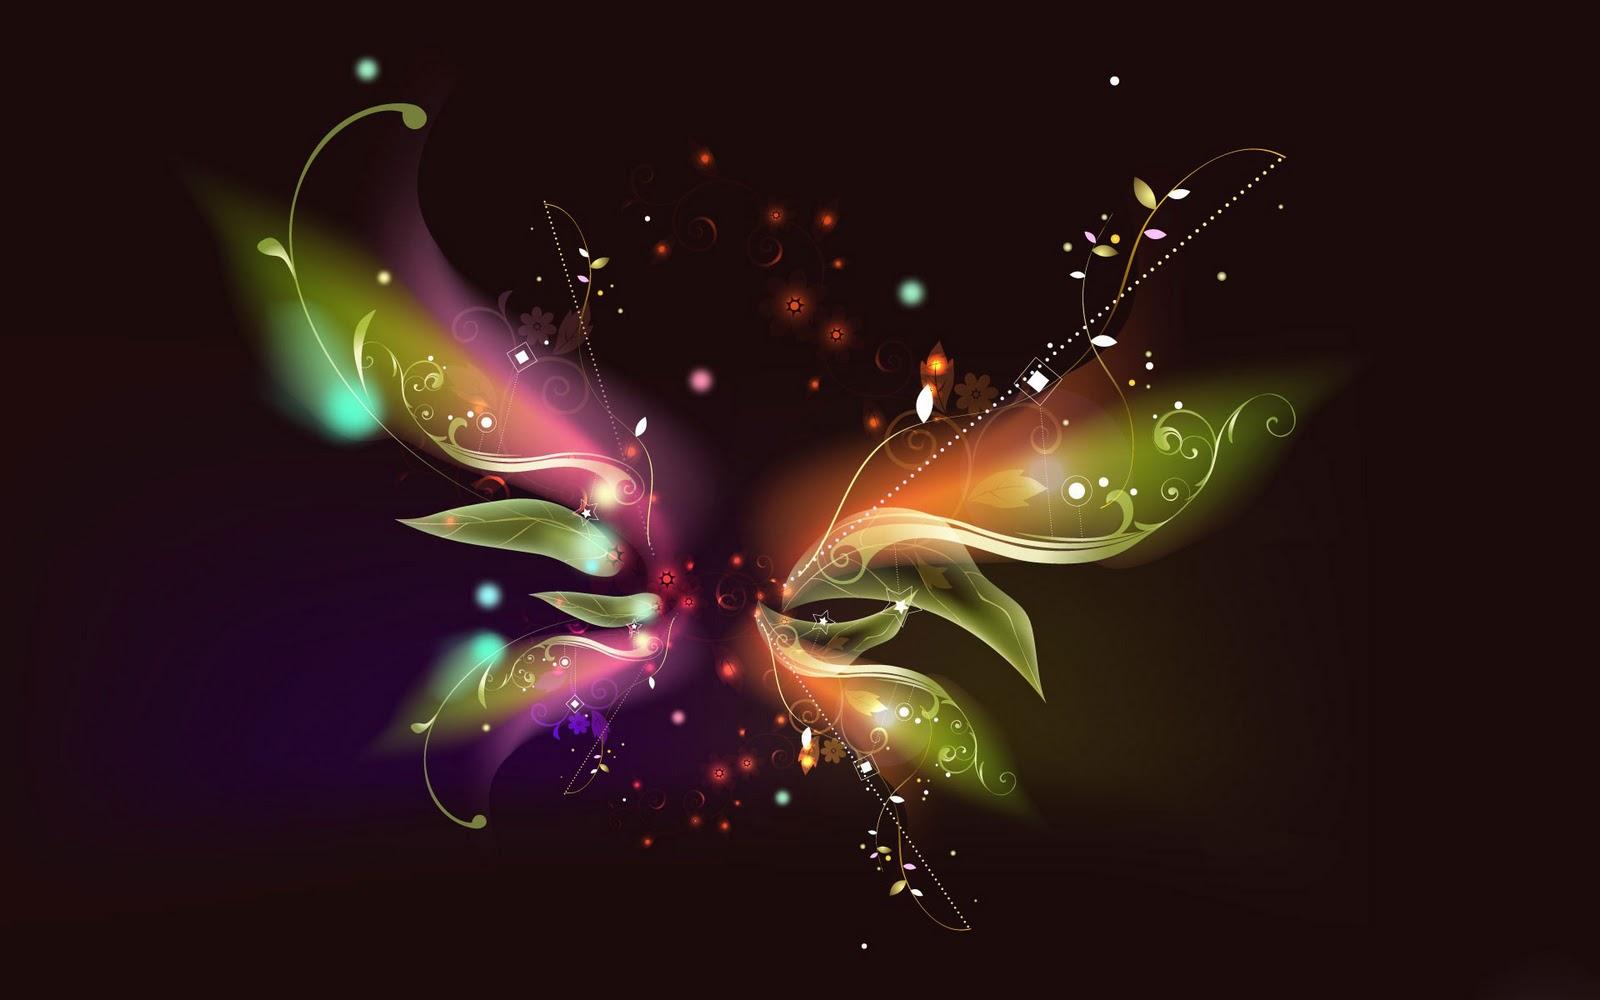 butterfly wallpaper, Red butterfly wallpaper, Purple butterfly